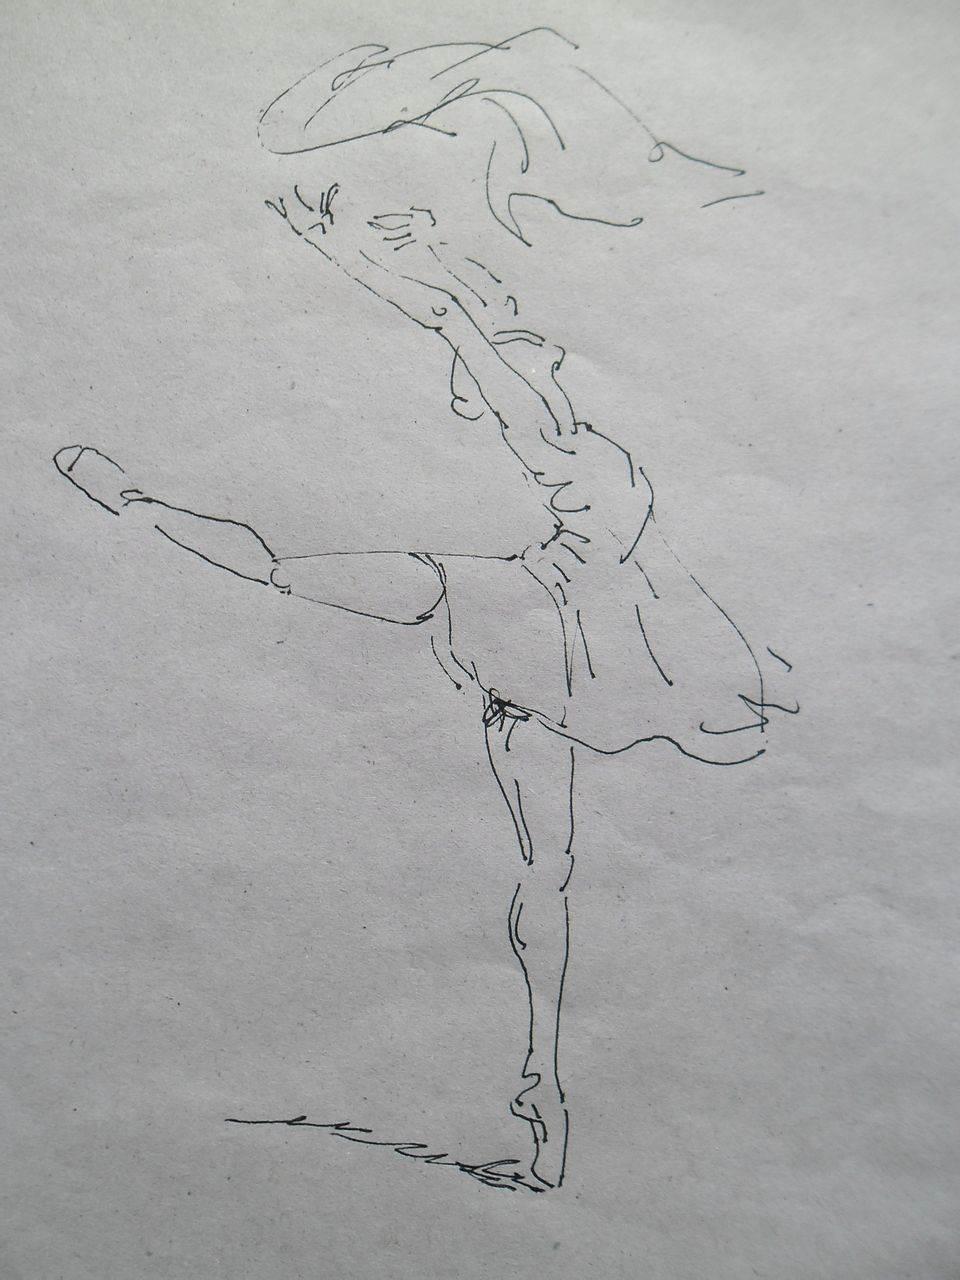 舞蹈简笔画图片大全